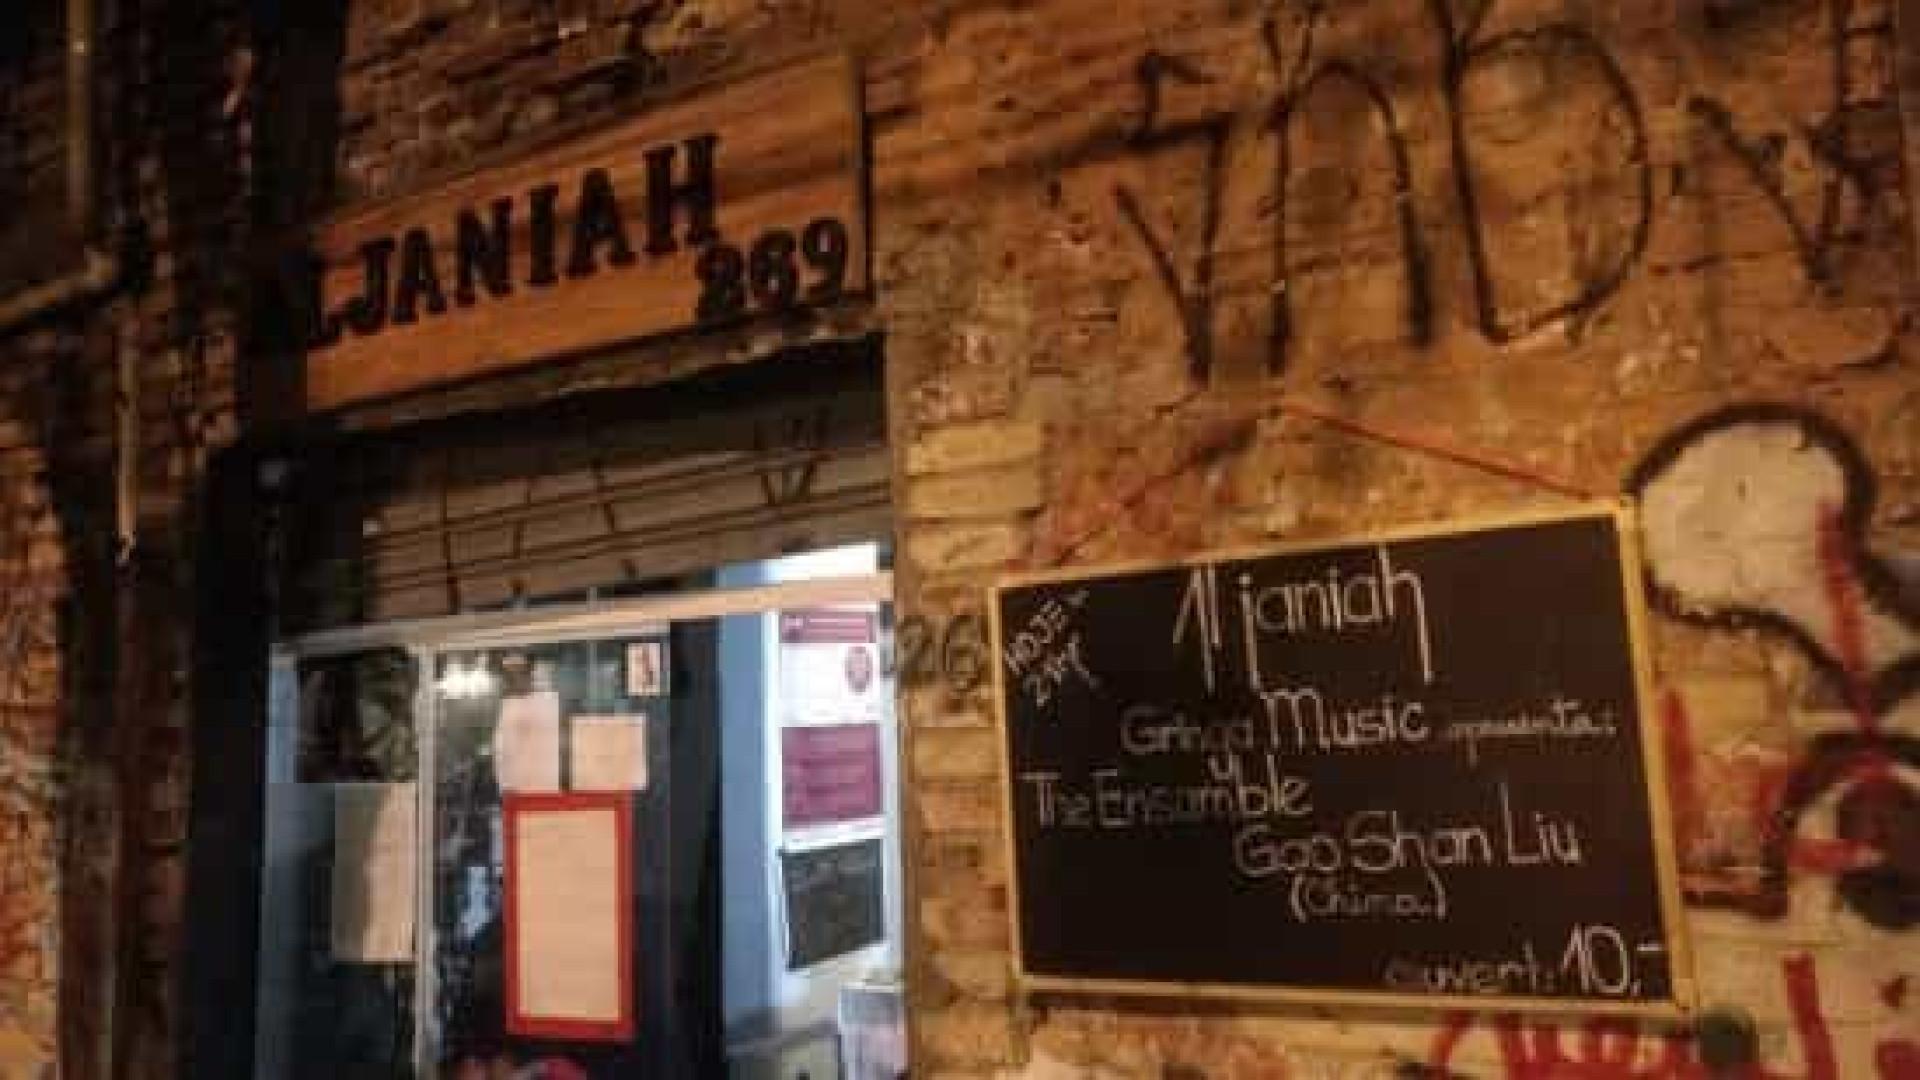 Restaurante palestino é alvo de ataques em São Paulo